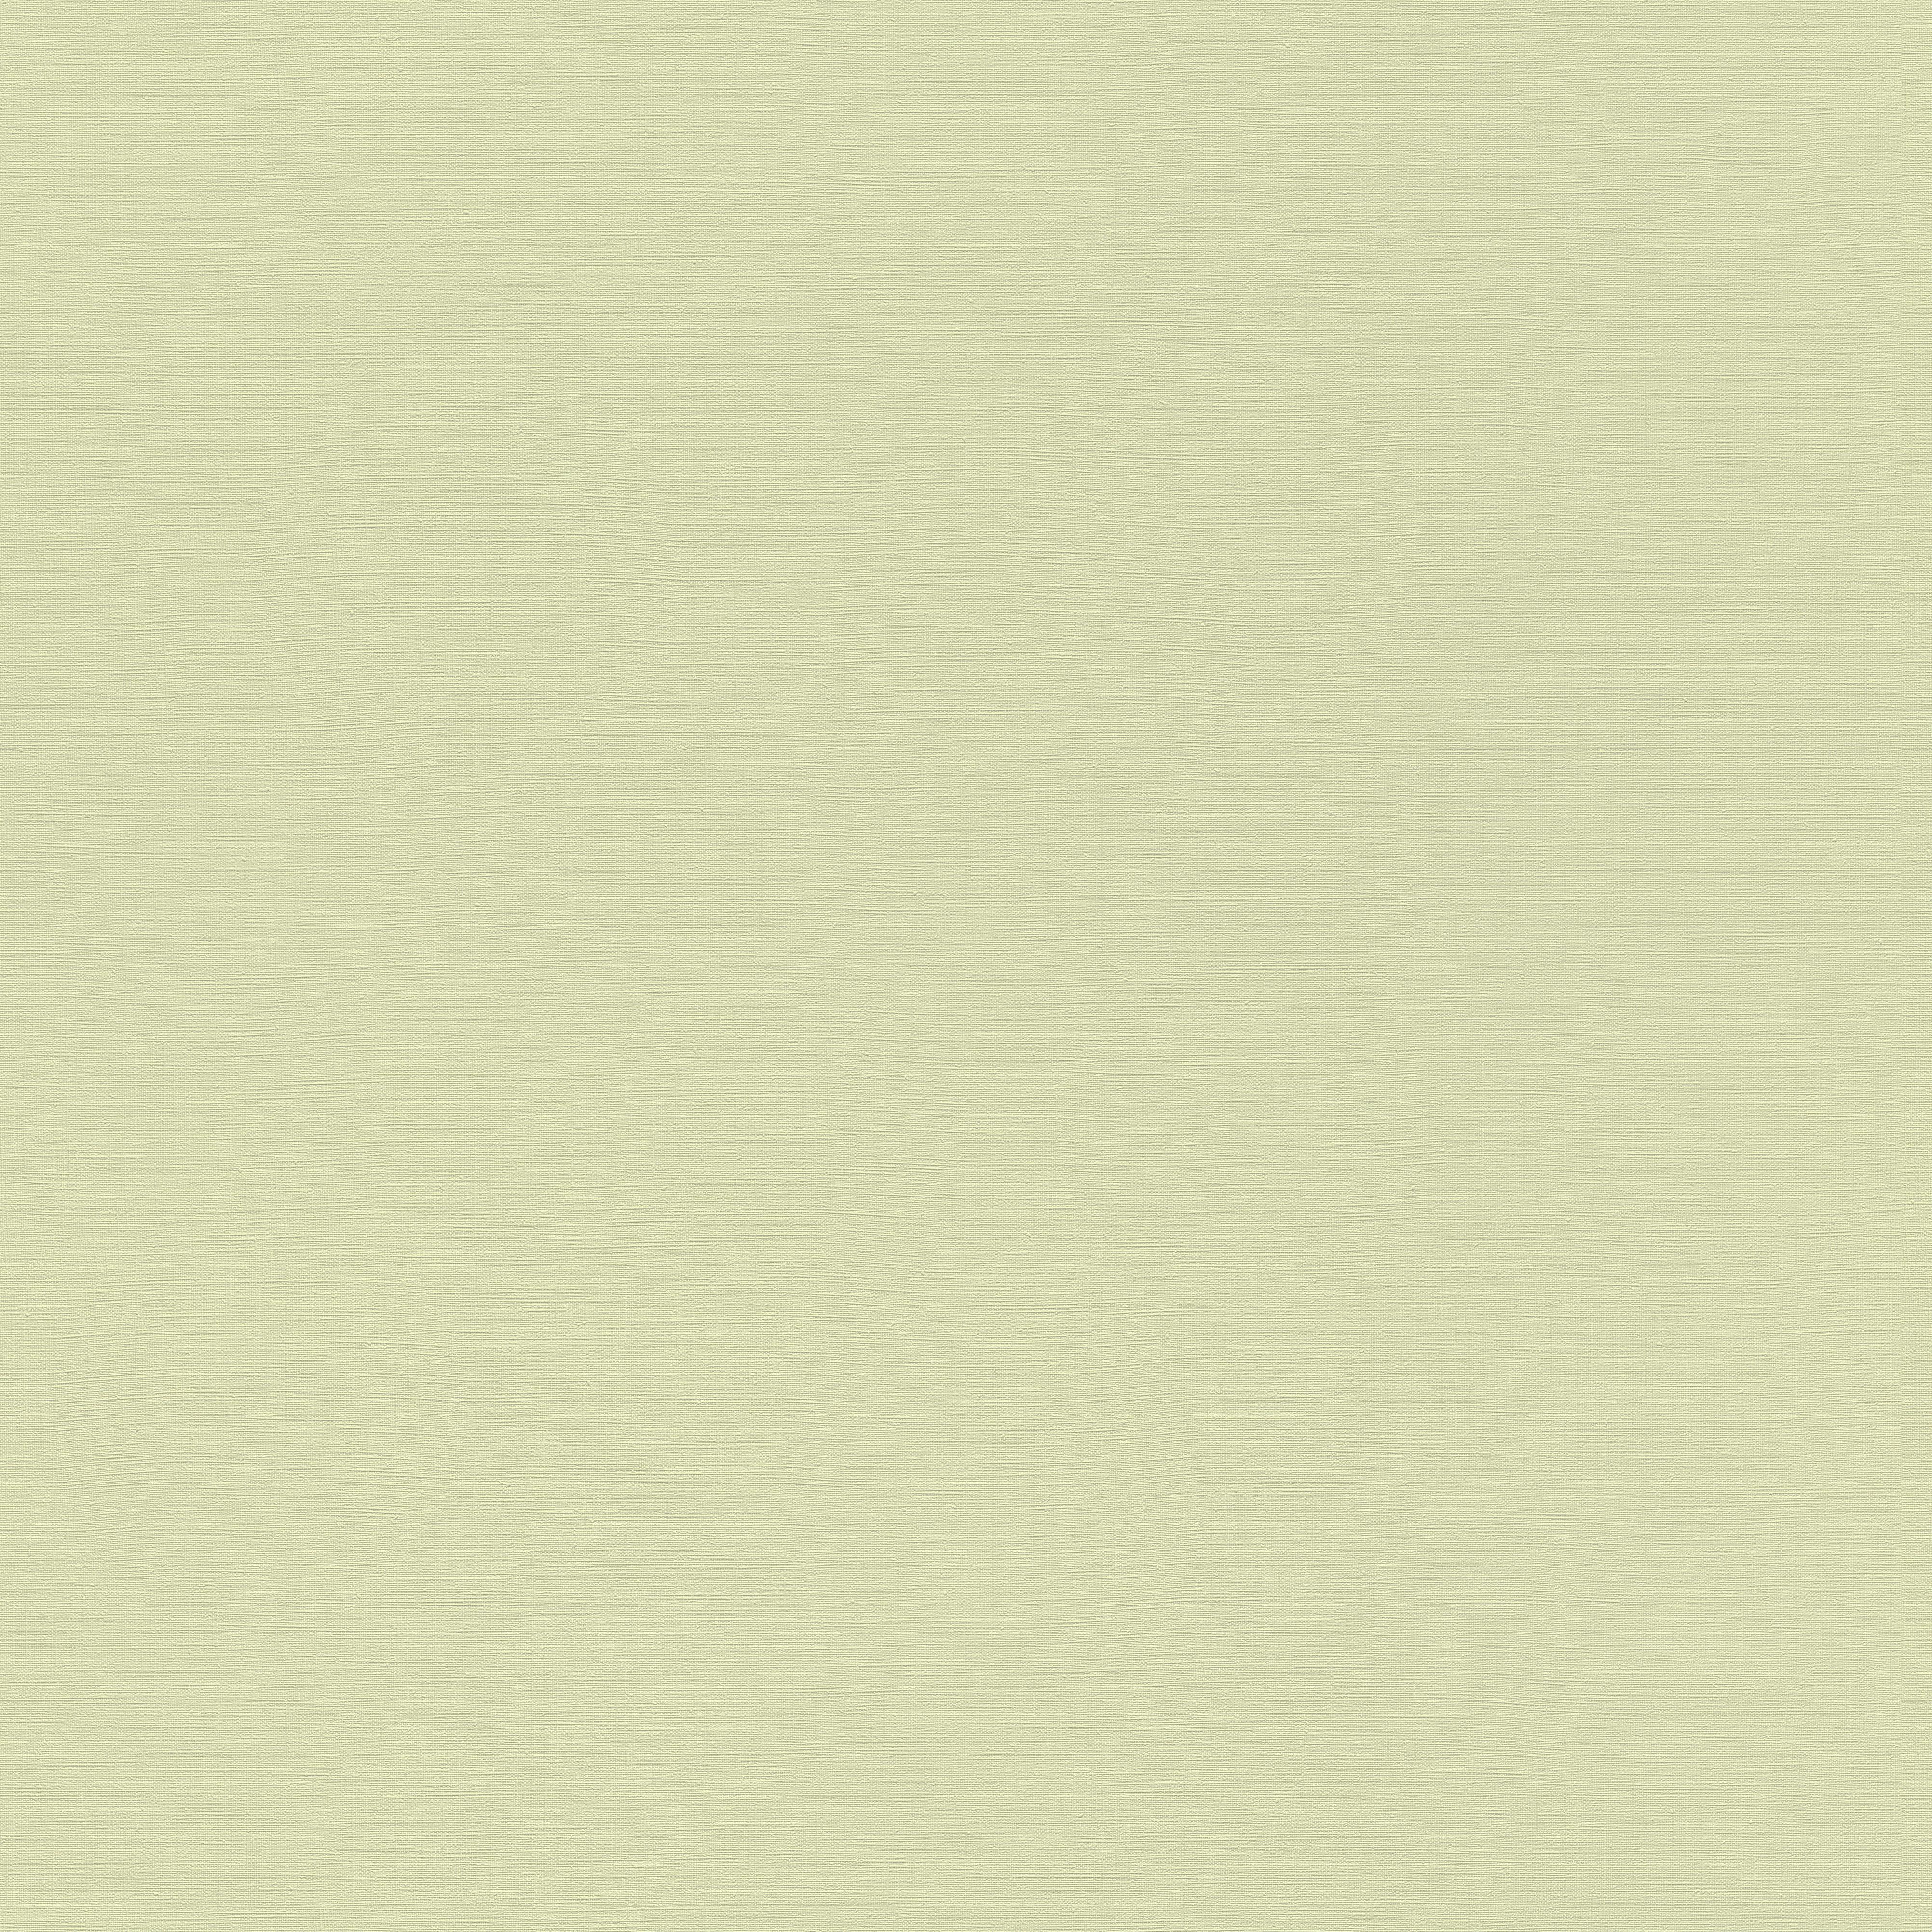 Egyszínű zöld tapéta bambino katalógus